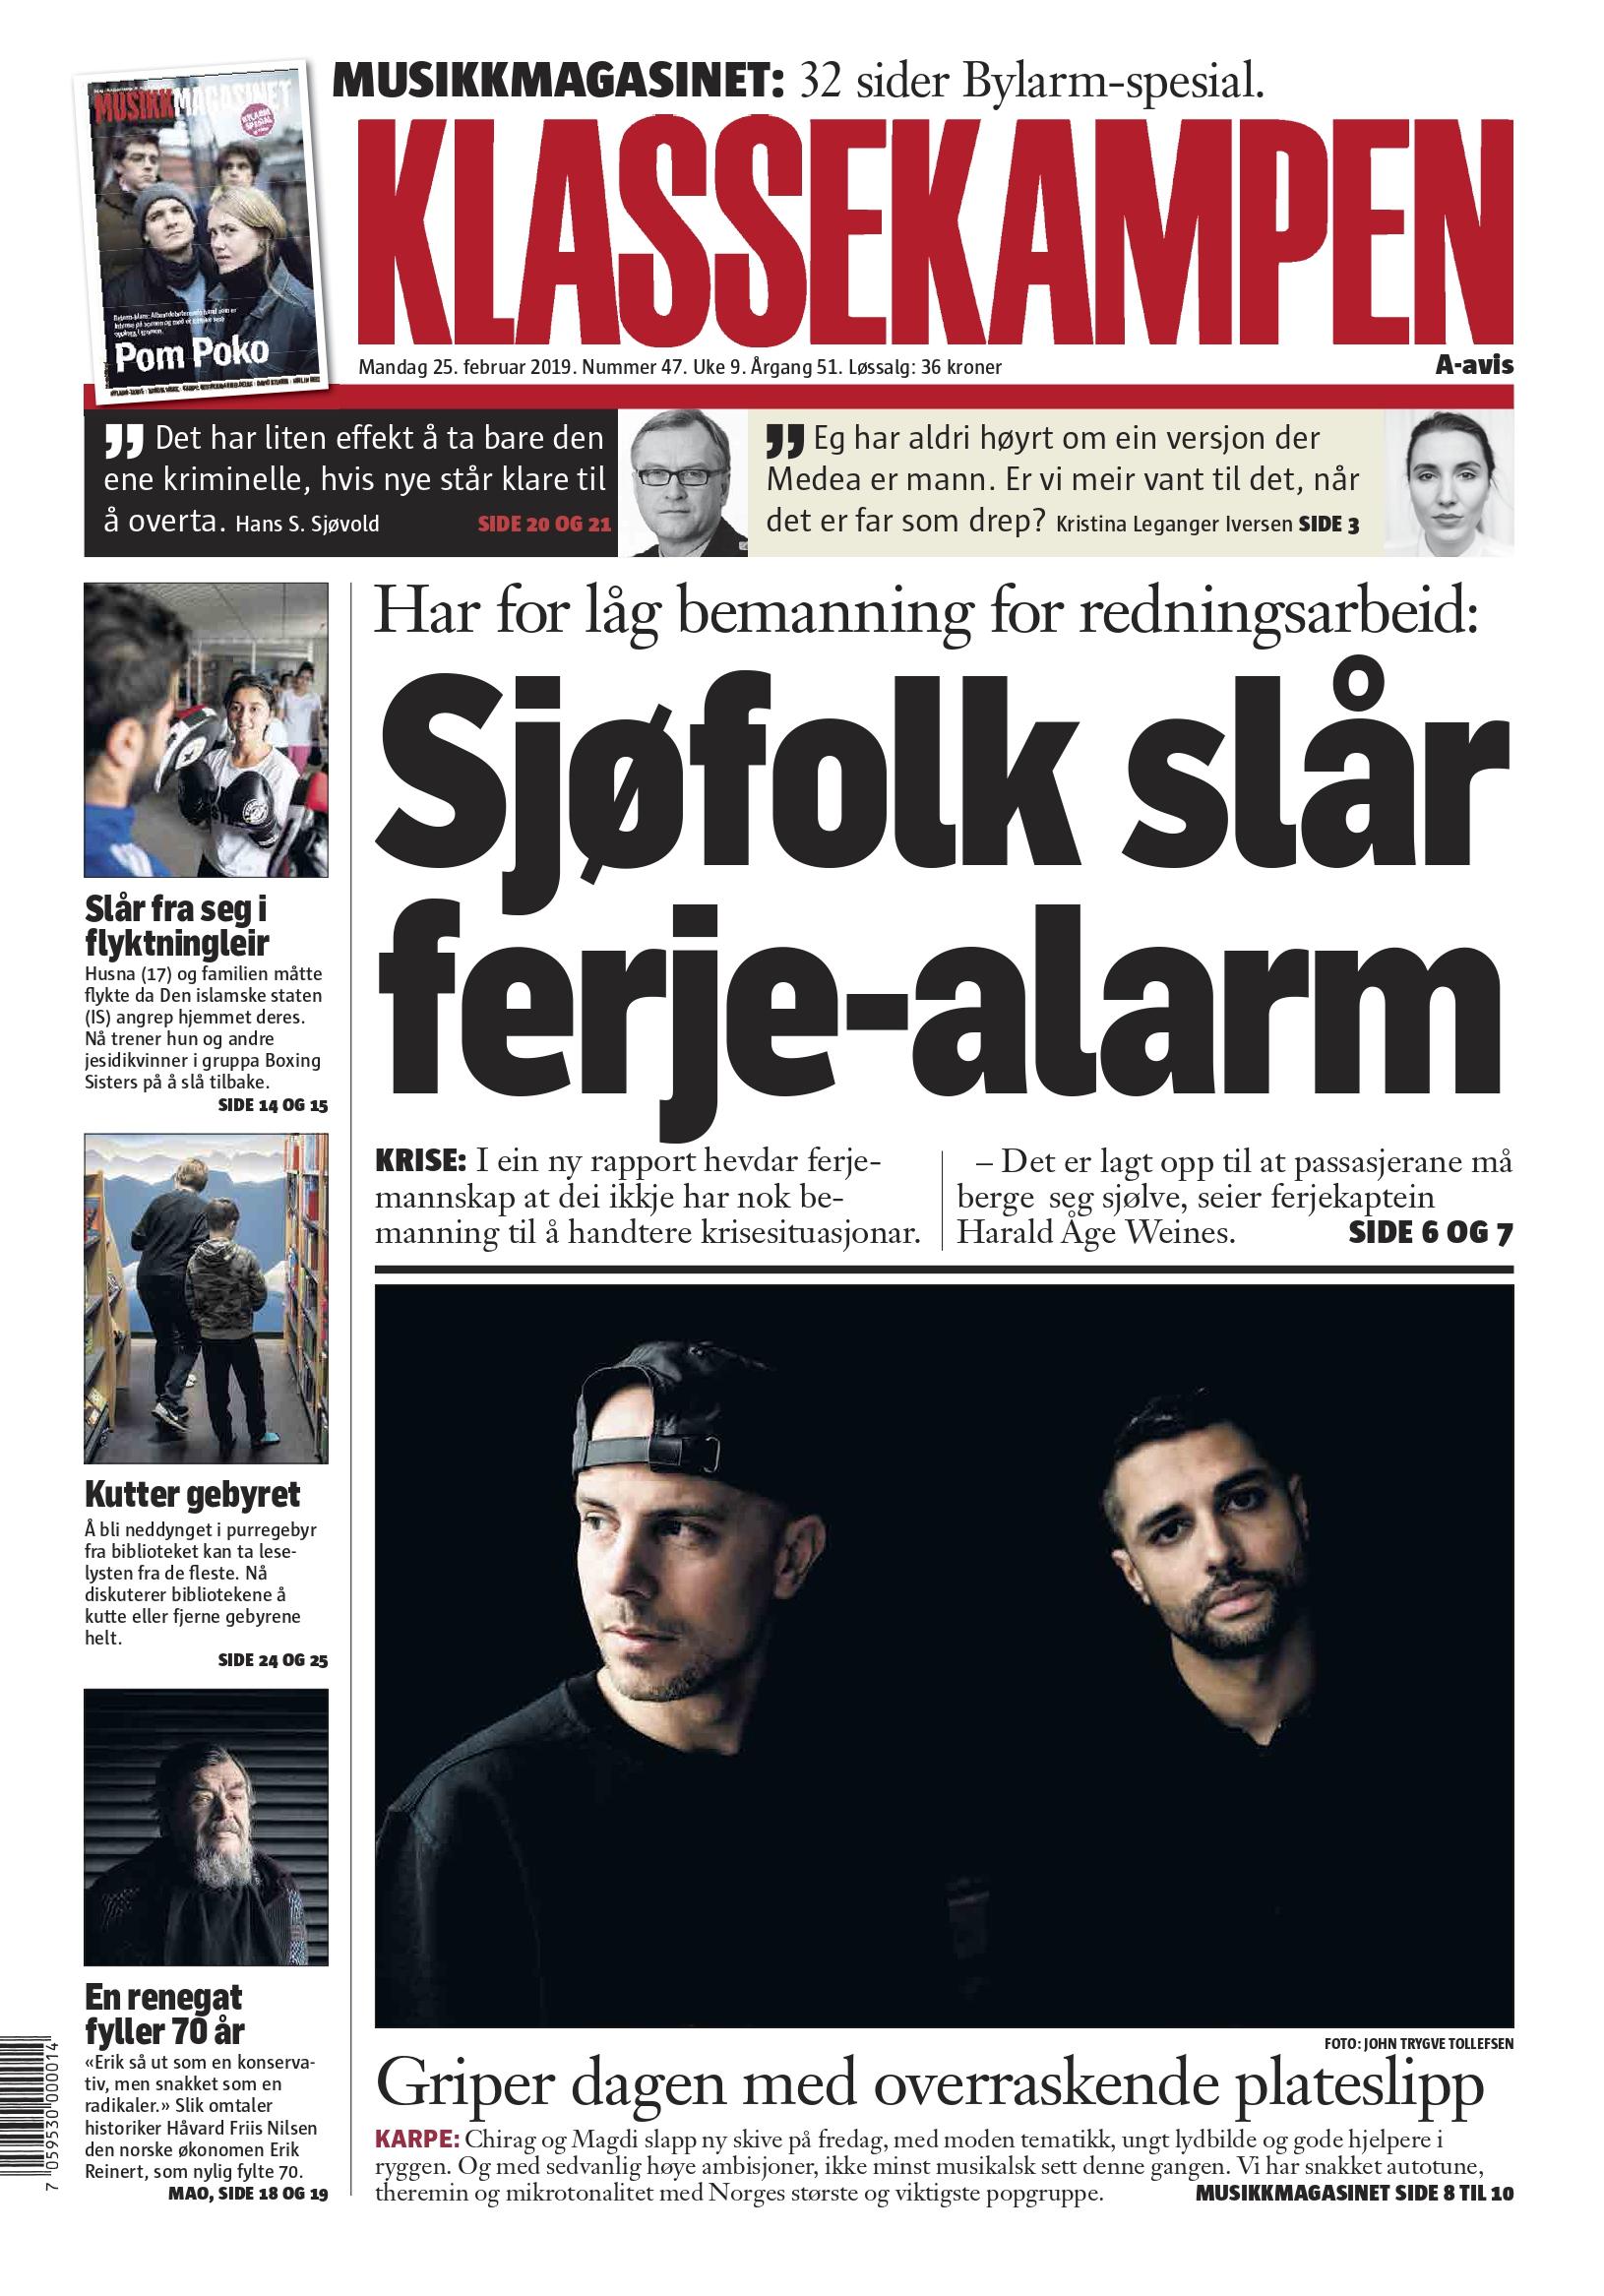 Klassekampen (Norway)- 02.19 First page.jpg